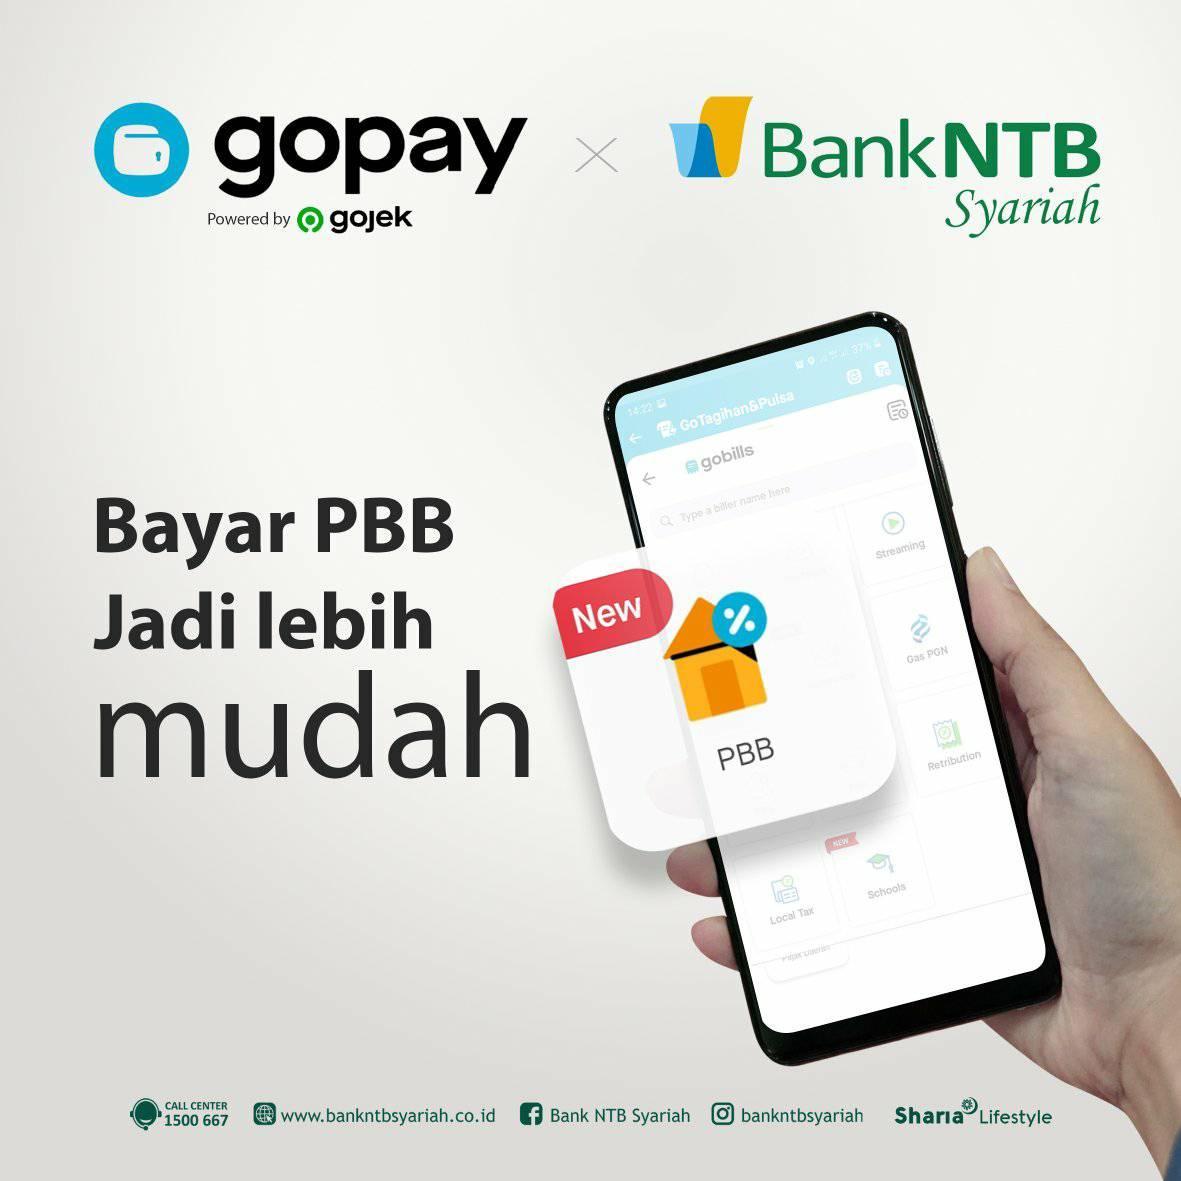 Pertama-di-Indonesia-Bayar-PBB-Bisa-Nontunai-Berkat-Kerja-Sama-Bank-NTB-Syariah-dan-GoPay.html